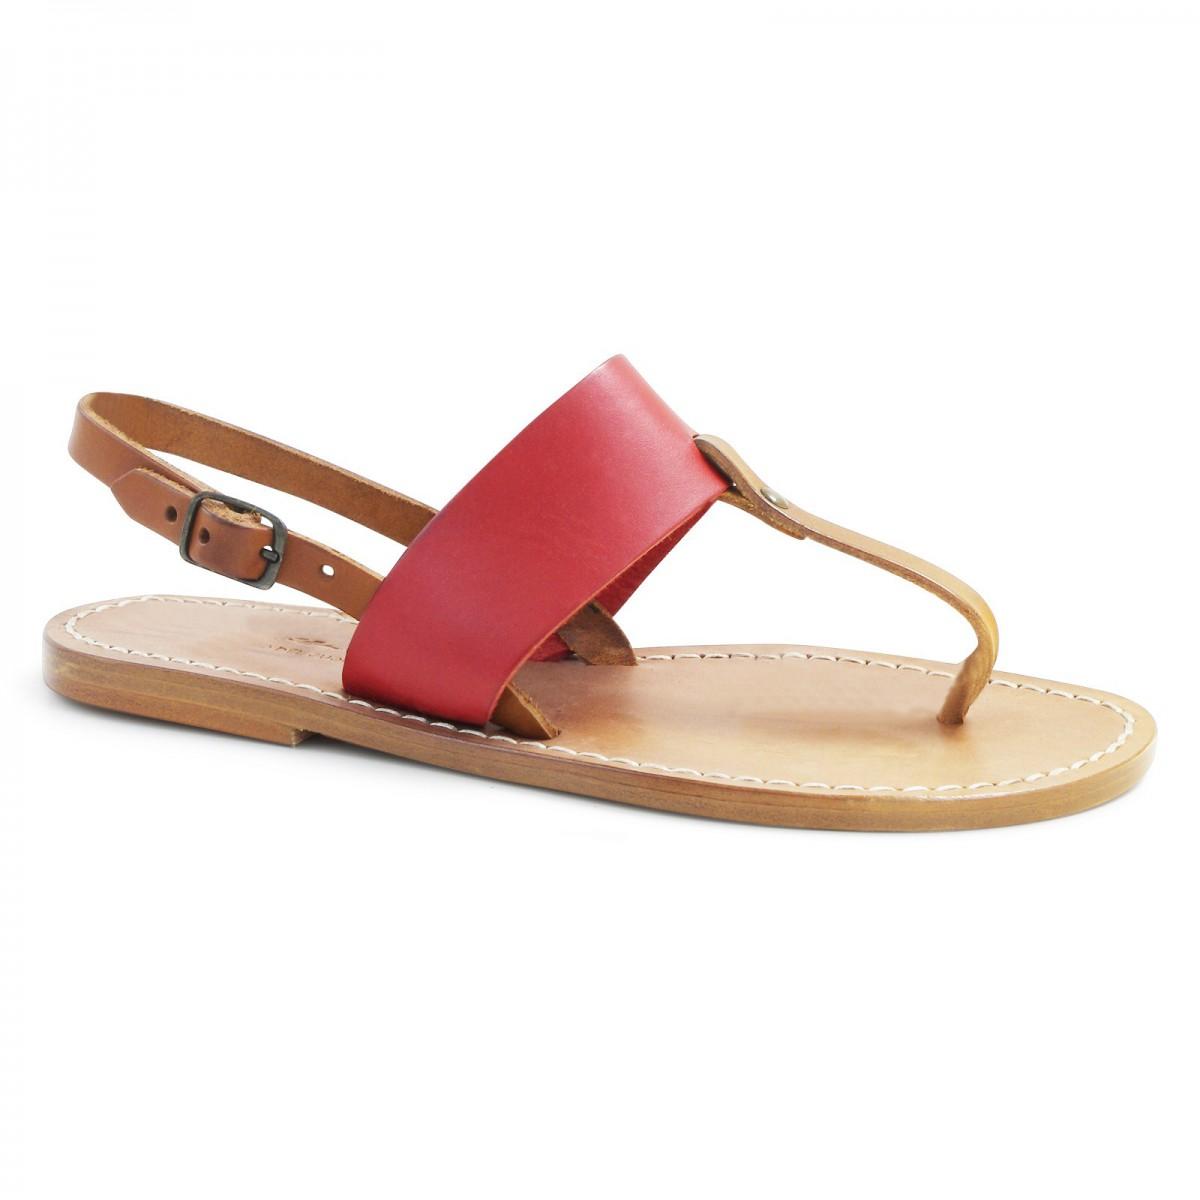 competitive price a0985 2dd03 Zweifarbige Damen-Flip-Flops aus braunem und rotem Leder